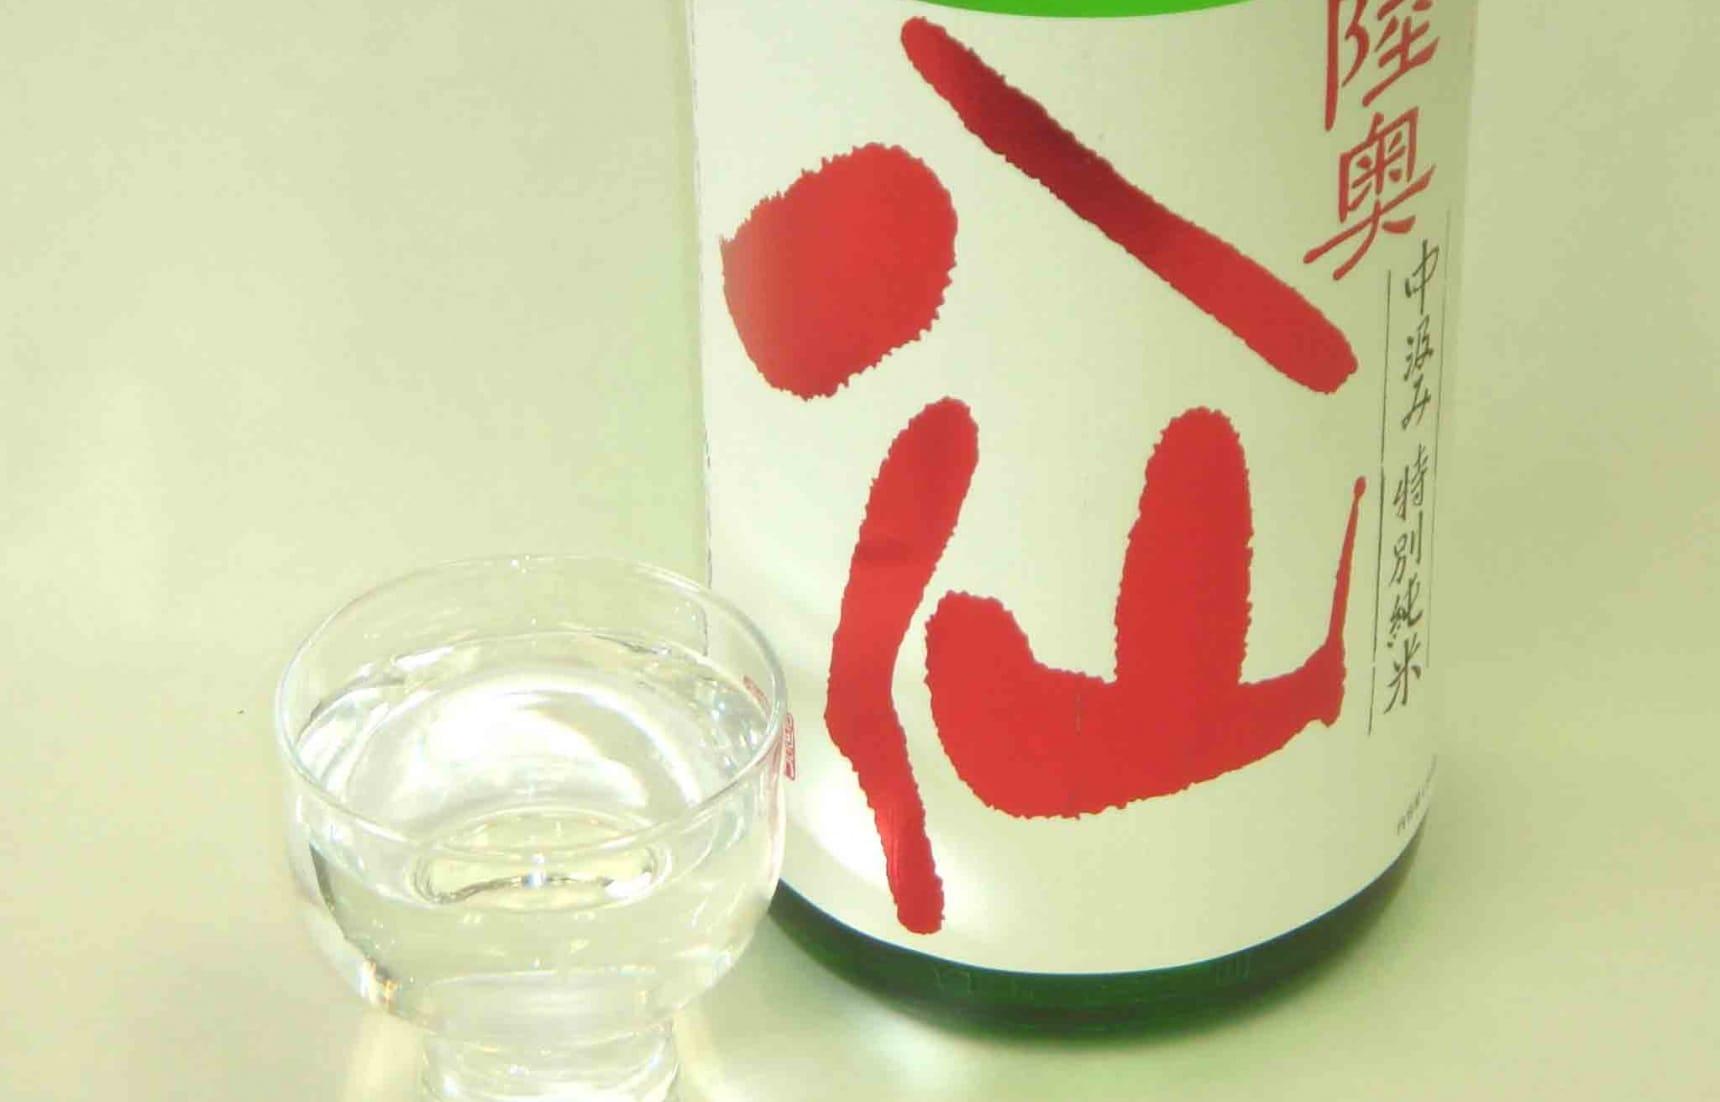 邂逅青森名酒  陆奥八仙